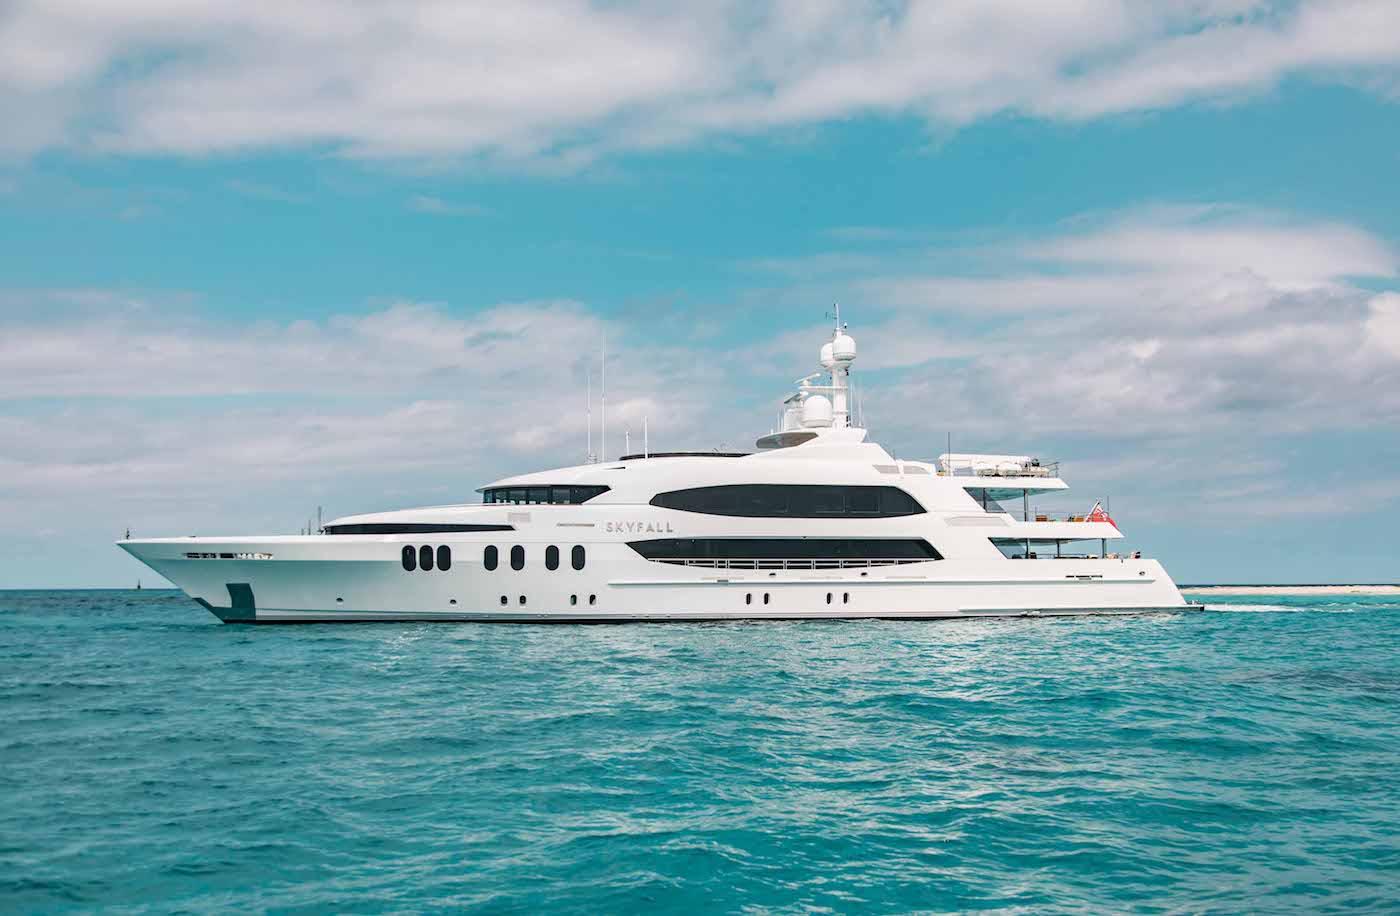 Luxury Yacht SKYFALL